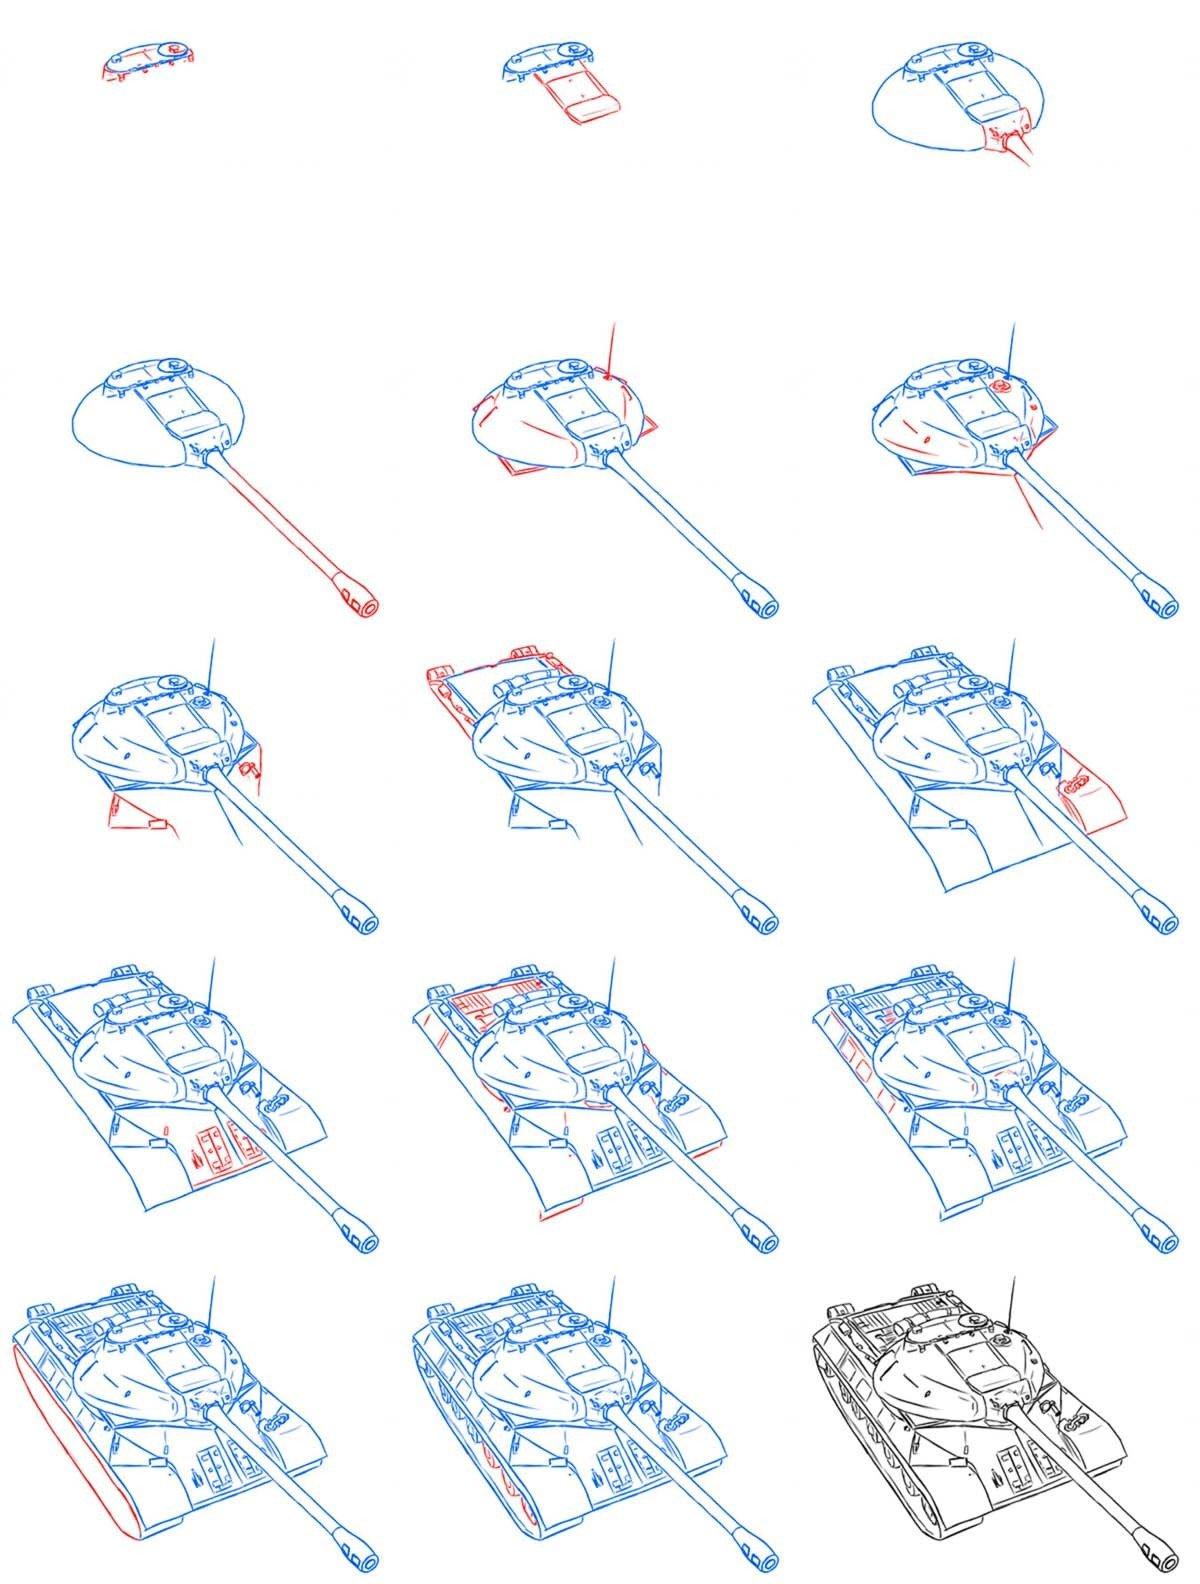 картинки танка поэтапно для начинающих экологичный, износостойкий